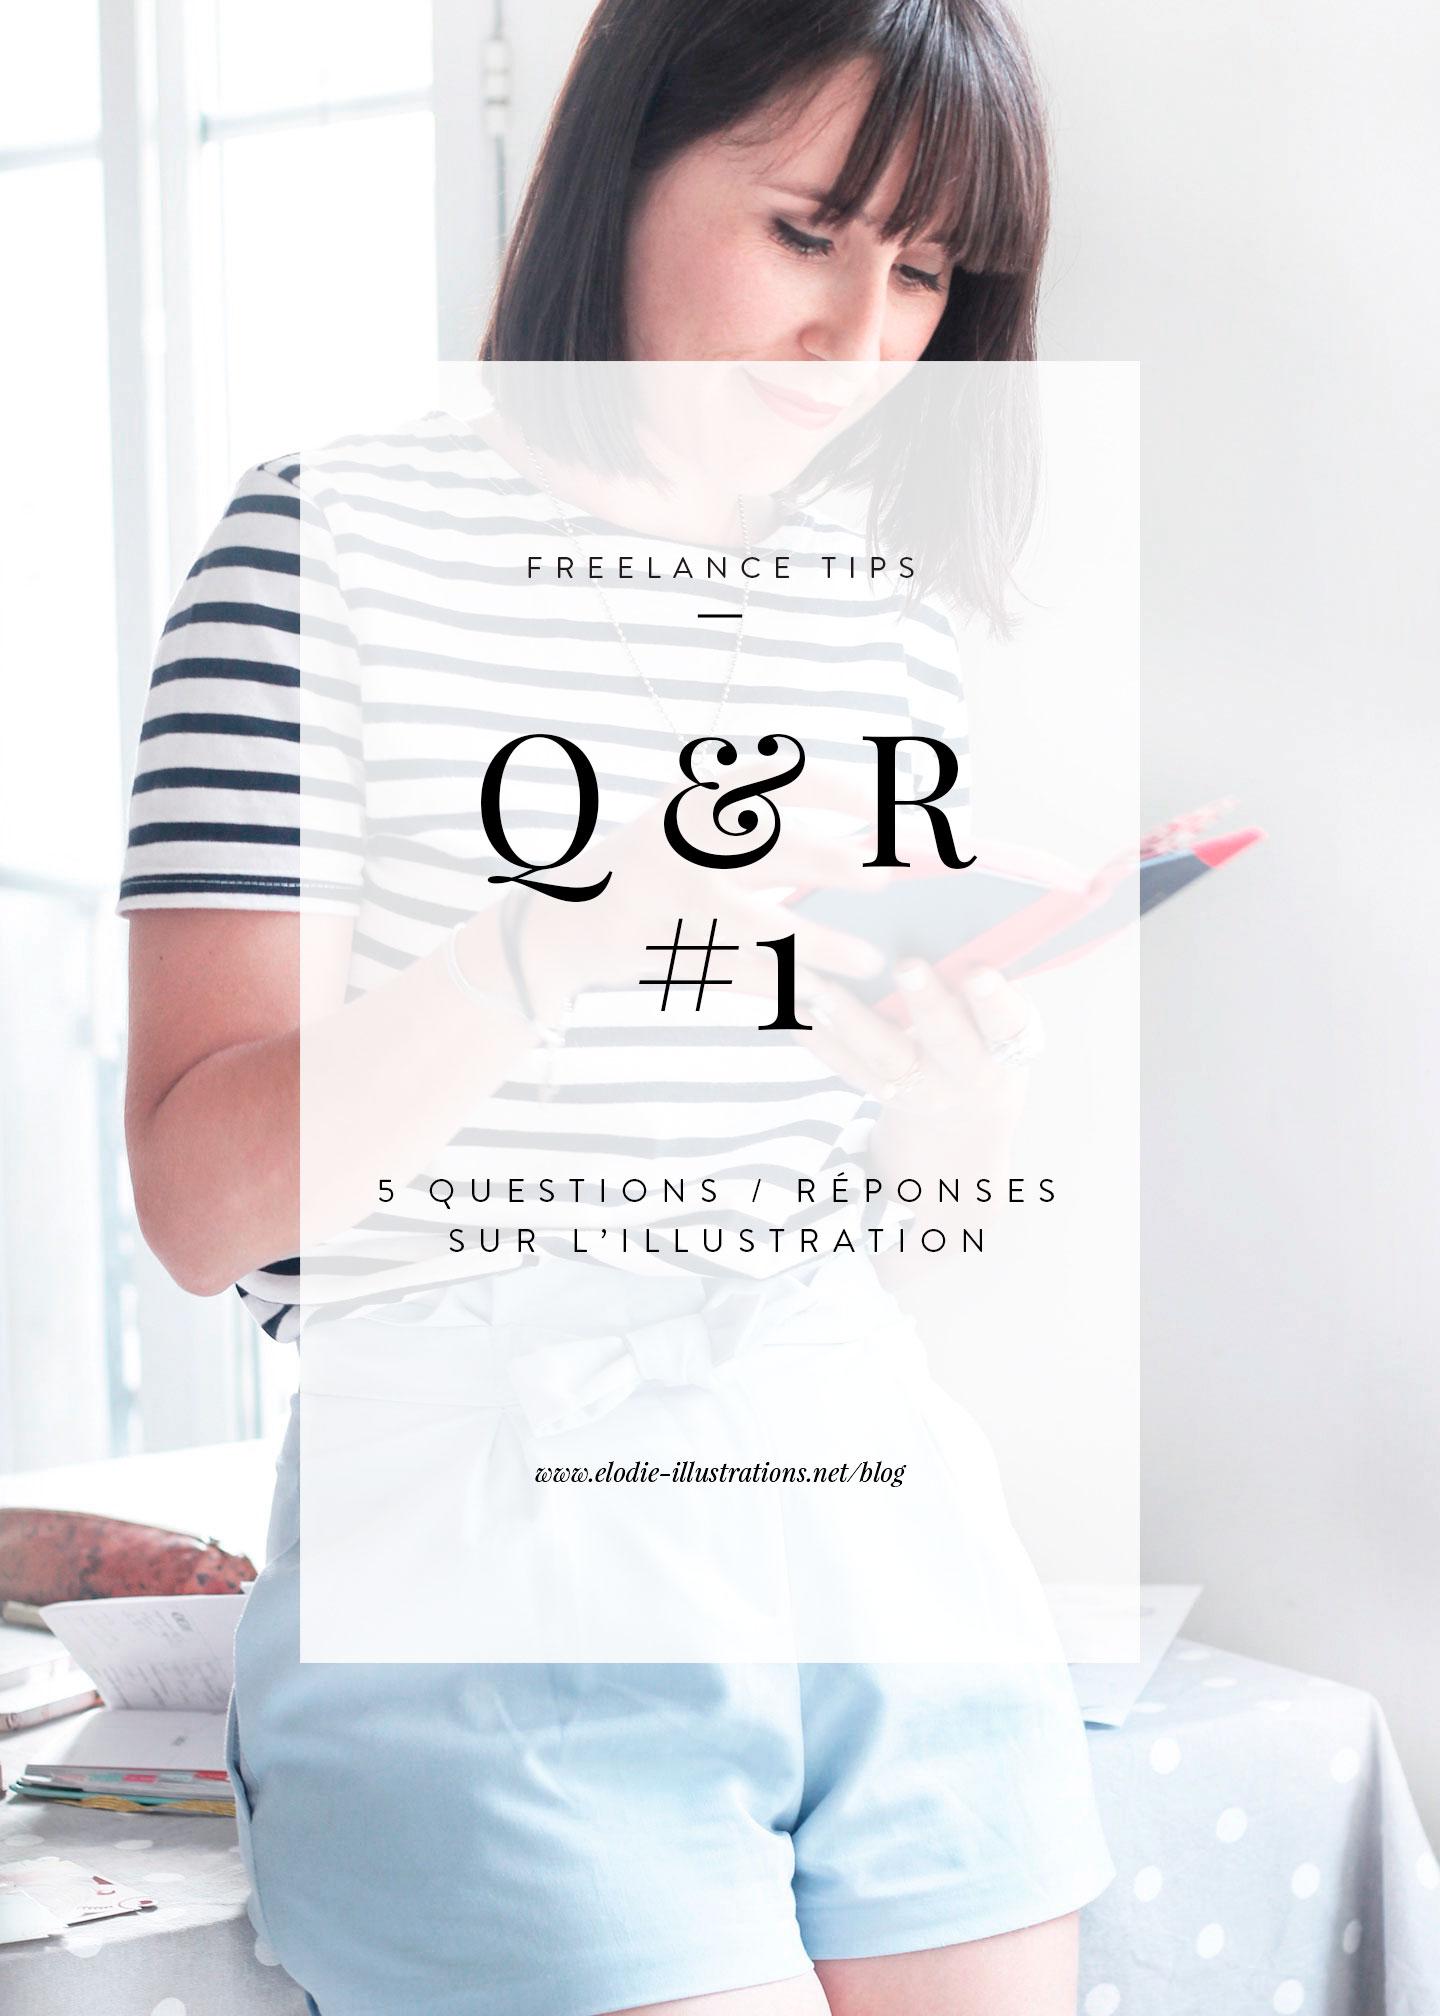 Q&R #1 | Depuis quelques temps j'ai commencé à rassembler toutes les questions que l'on a pû me poser sur mon métier d'illustratrice au cours des dernières années car je sentais que cela pourrait servir un jour. Et aujourd'hui, j'ai décidé de partager avec vous mes réponses à ces questions en espérant que cela puisse vous être utile. - Cliquez pour découvrir l'article